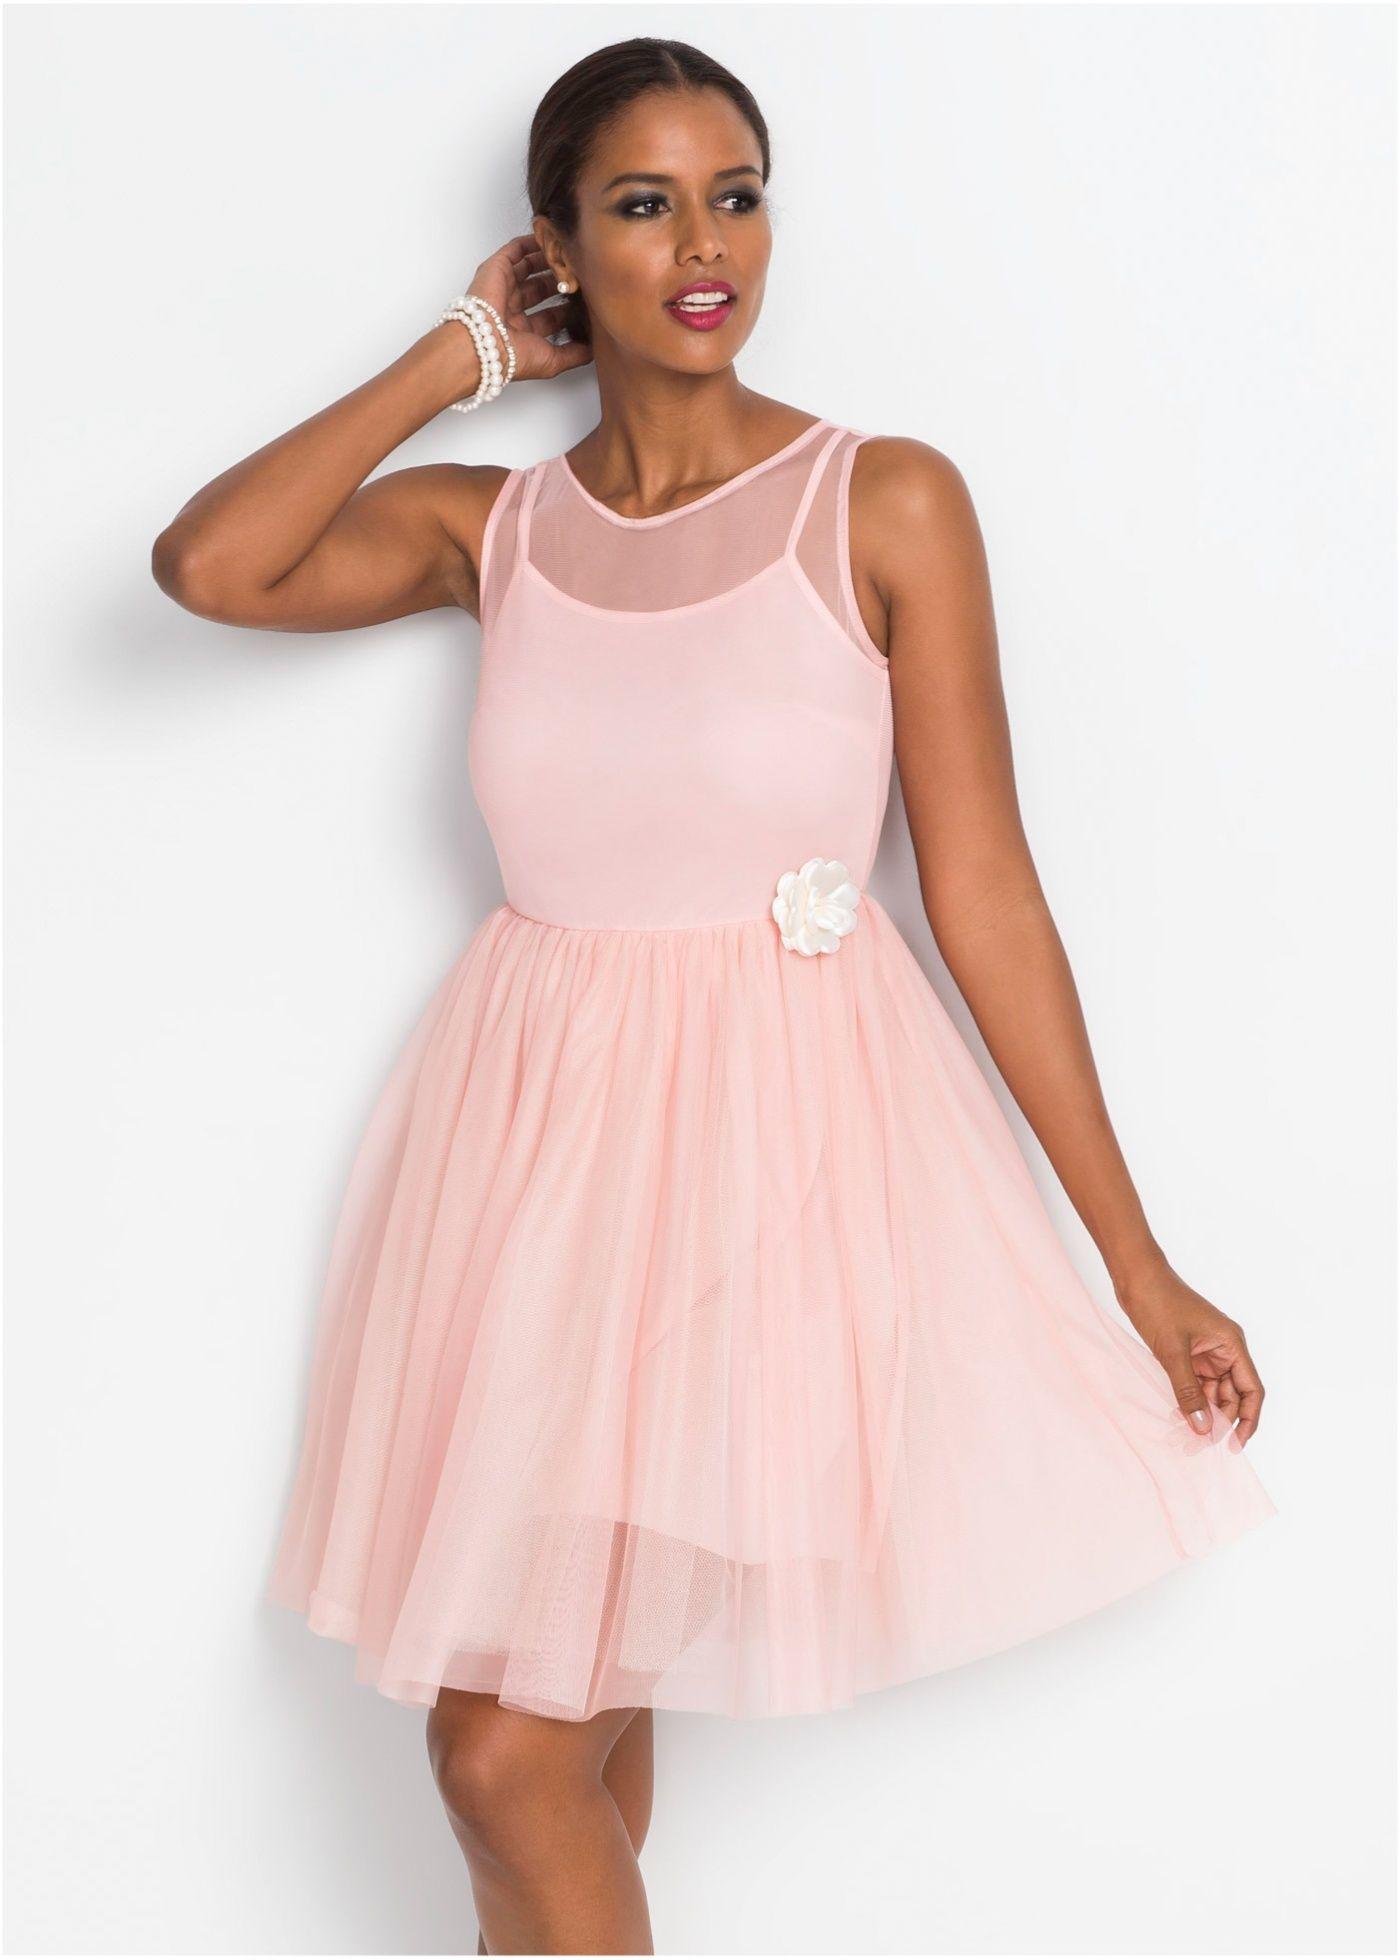 Spitzenkleid rosa jetzt im Online Shop von bonprix.de ab € 18,18